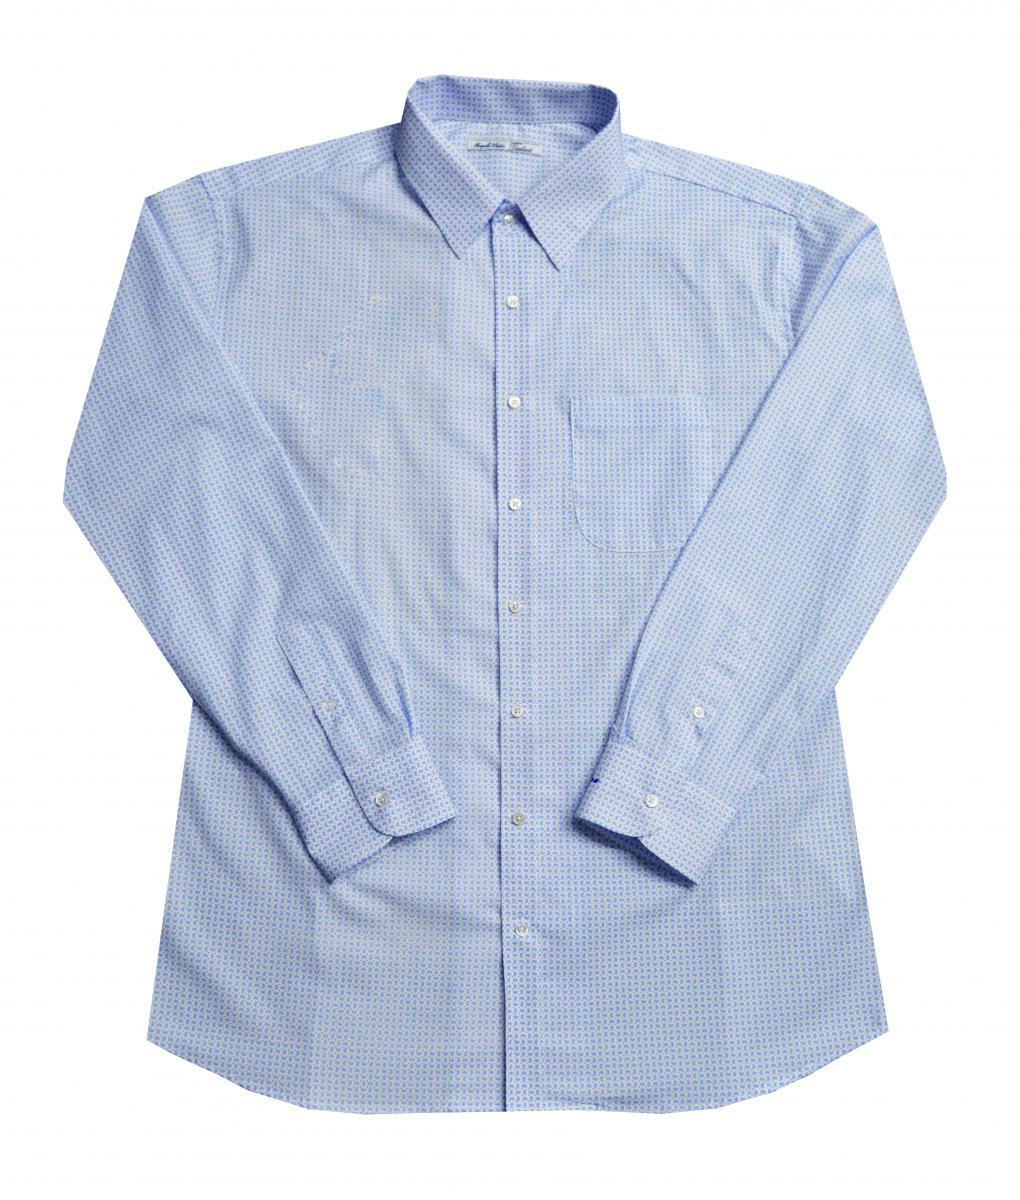 [オーダーシャツ]レトロモダンな空気感が漂う柄